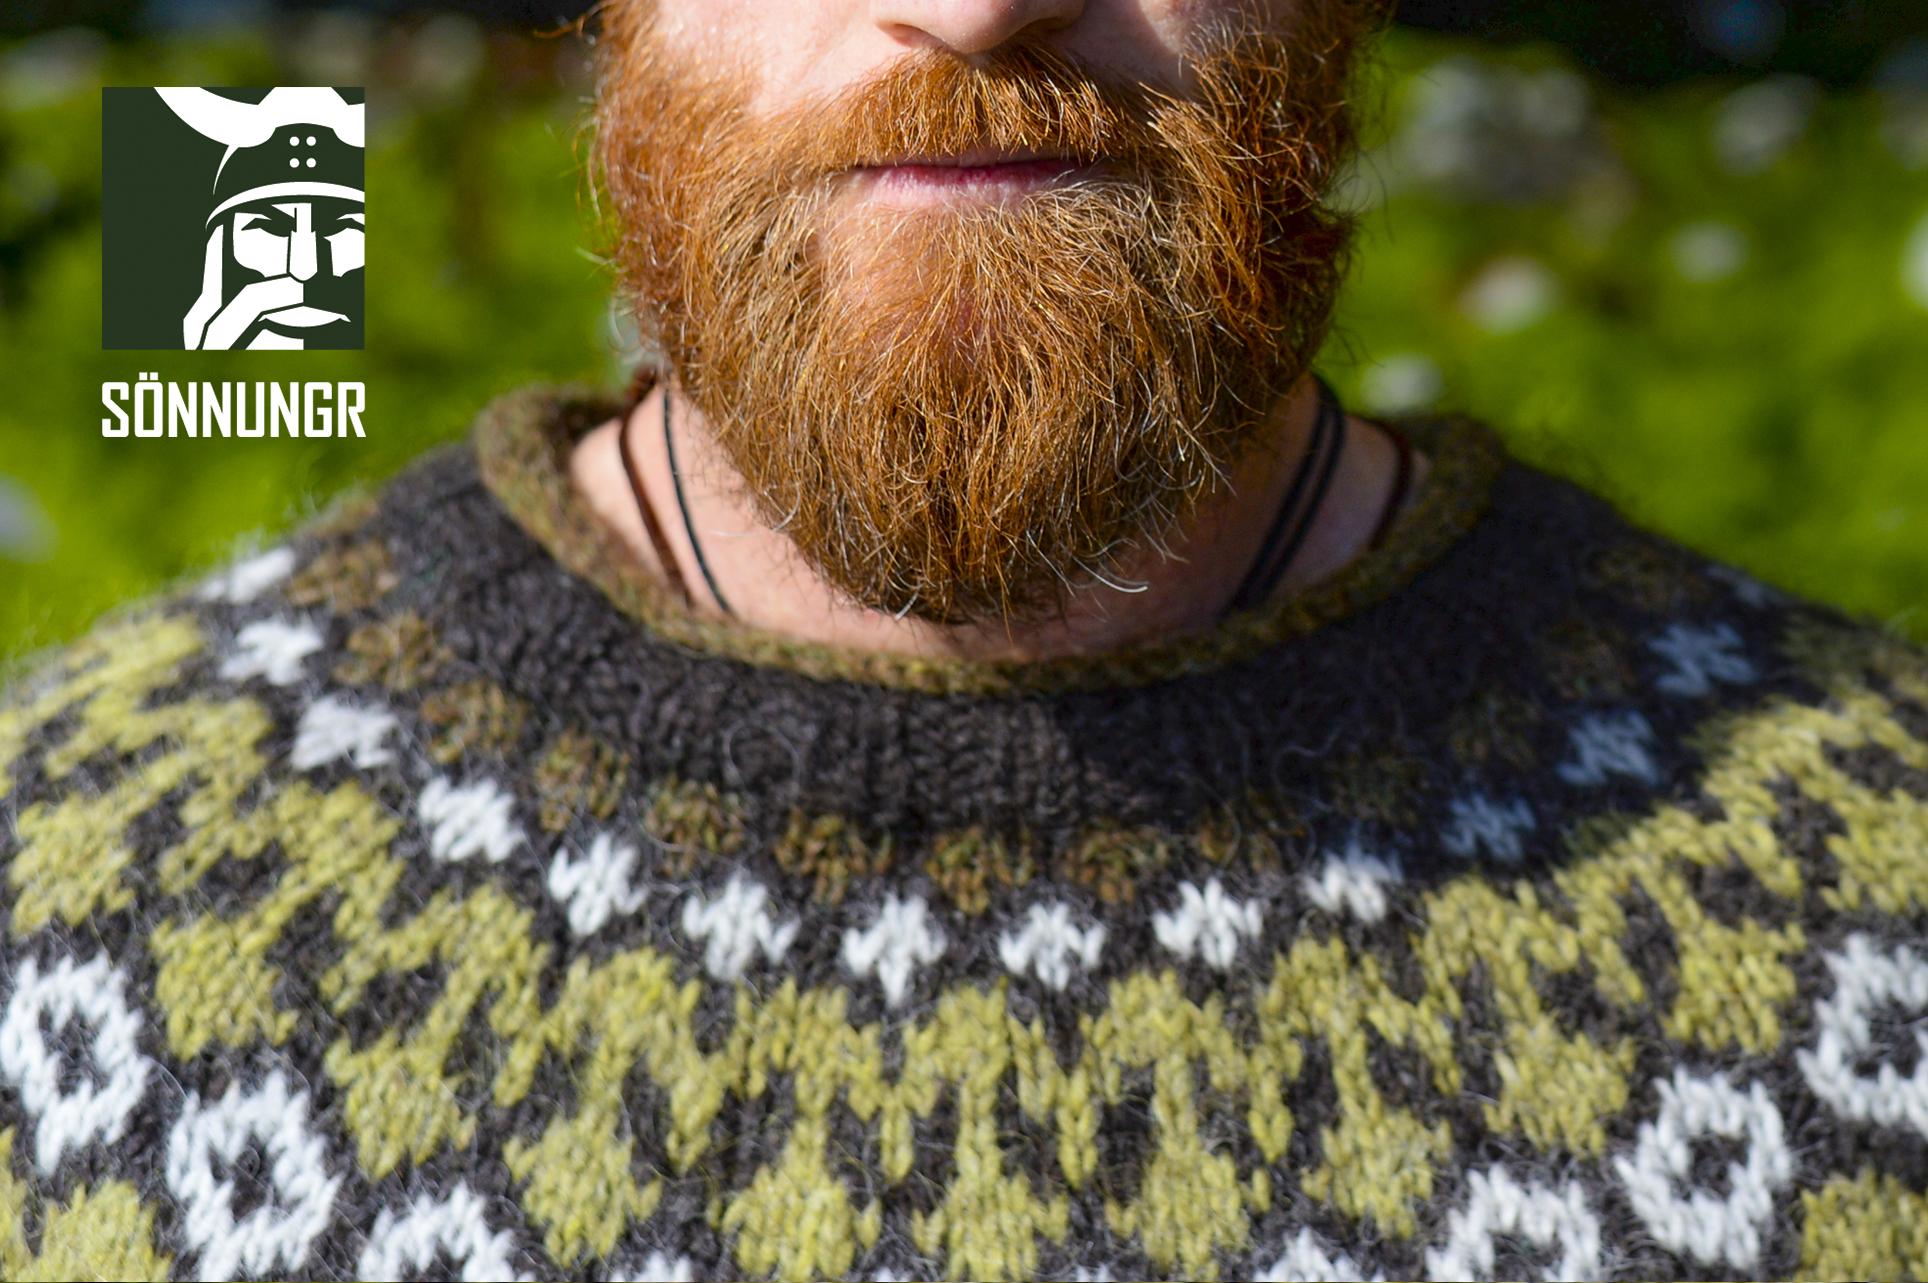 red_beard.jpg